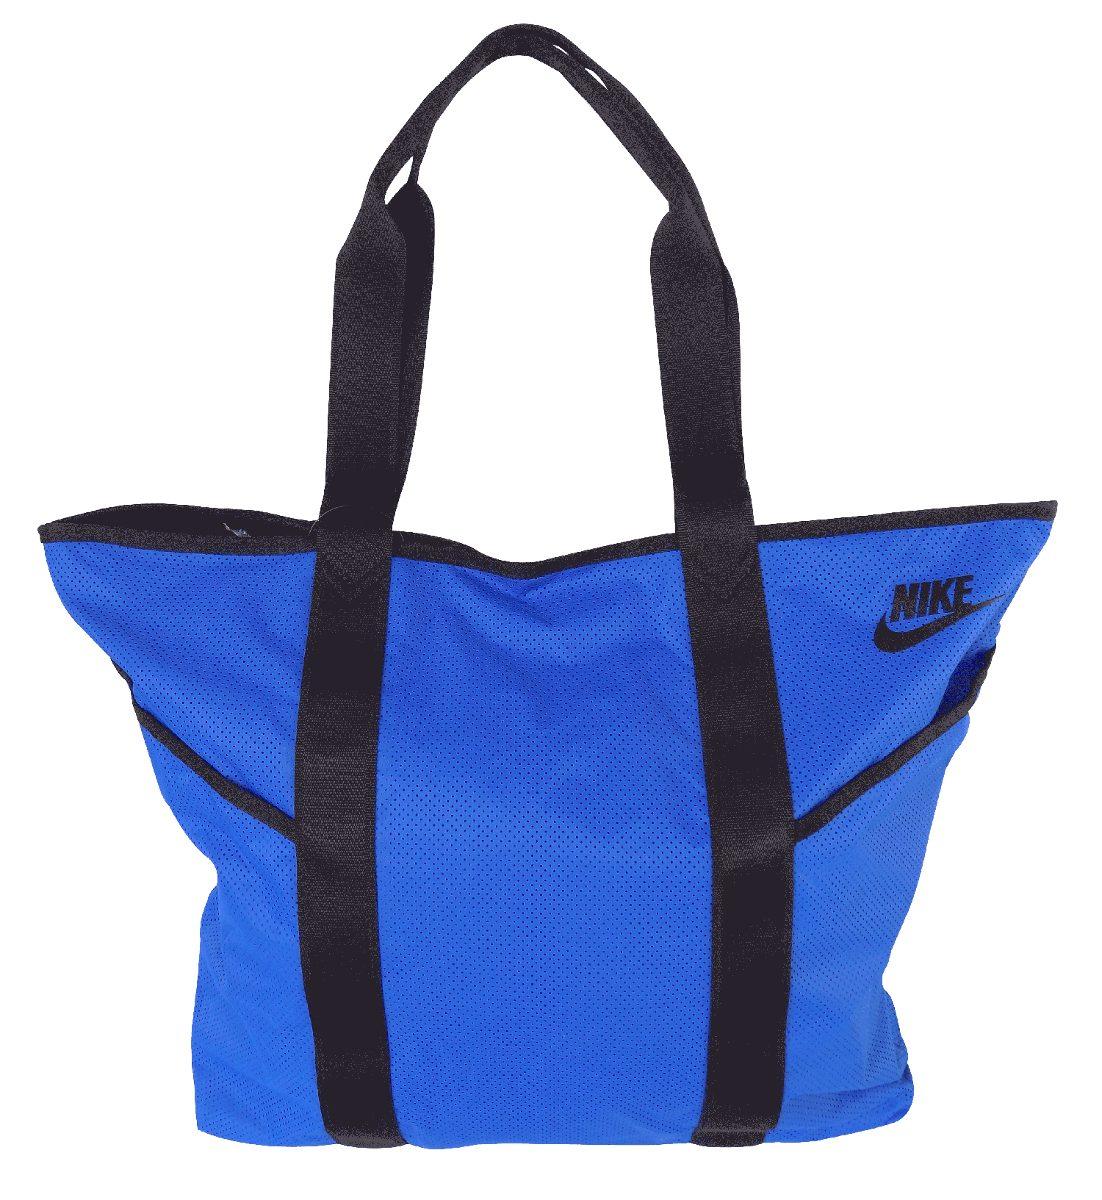 549 En Mercado Azeda Tote Bolsa Libre Nike 00 PHSqxvw